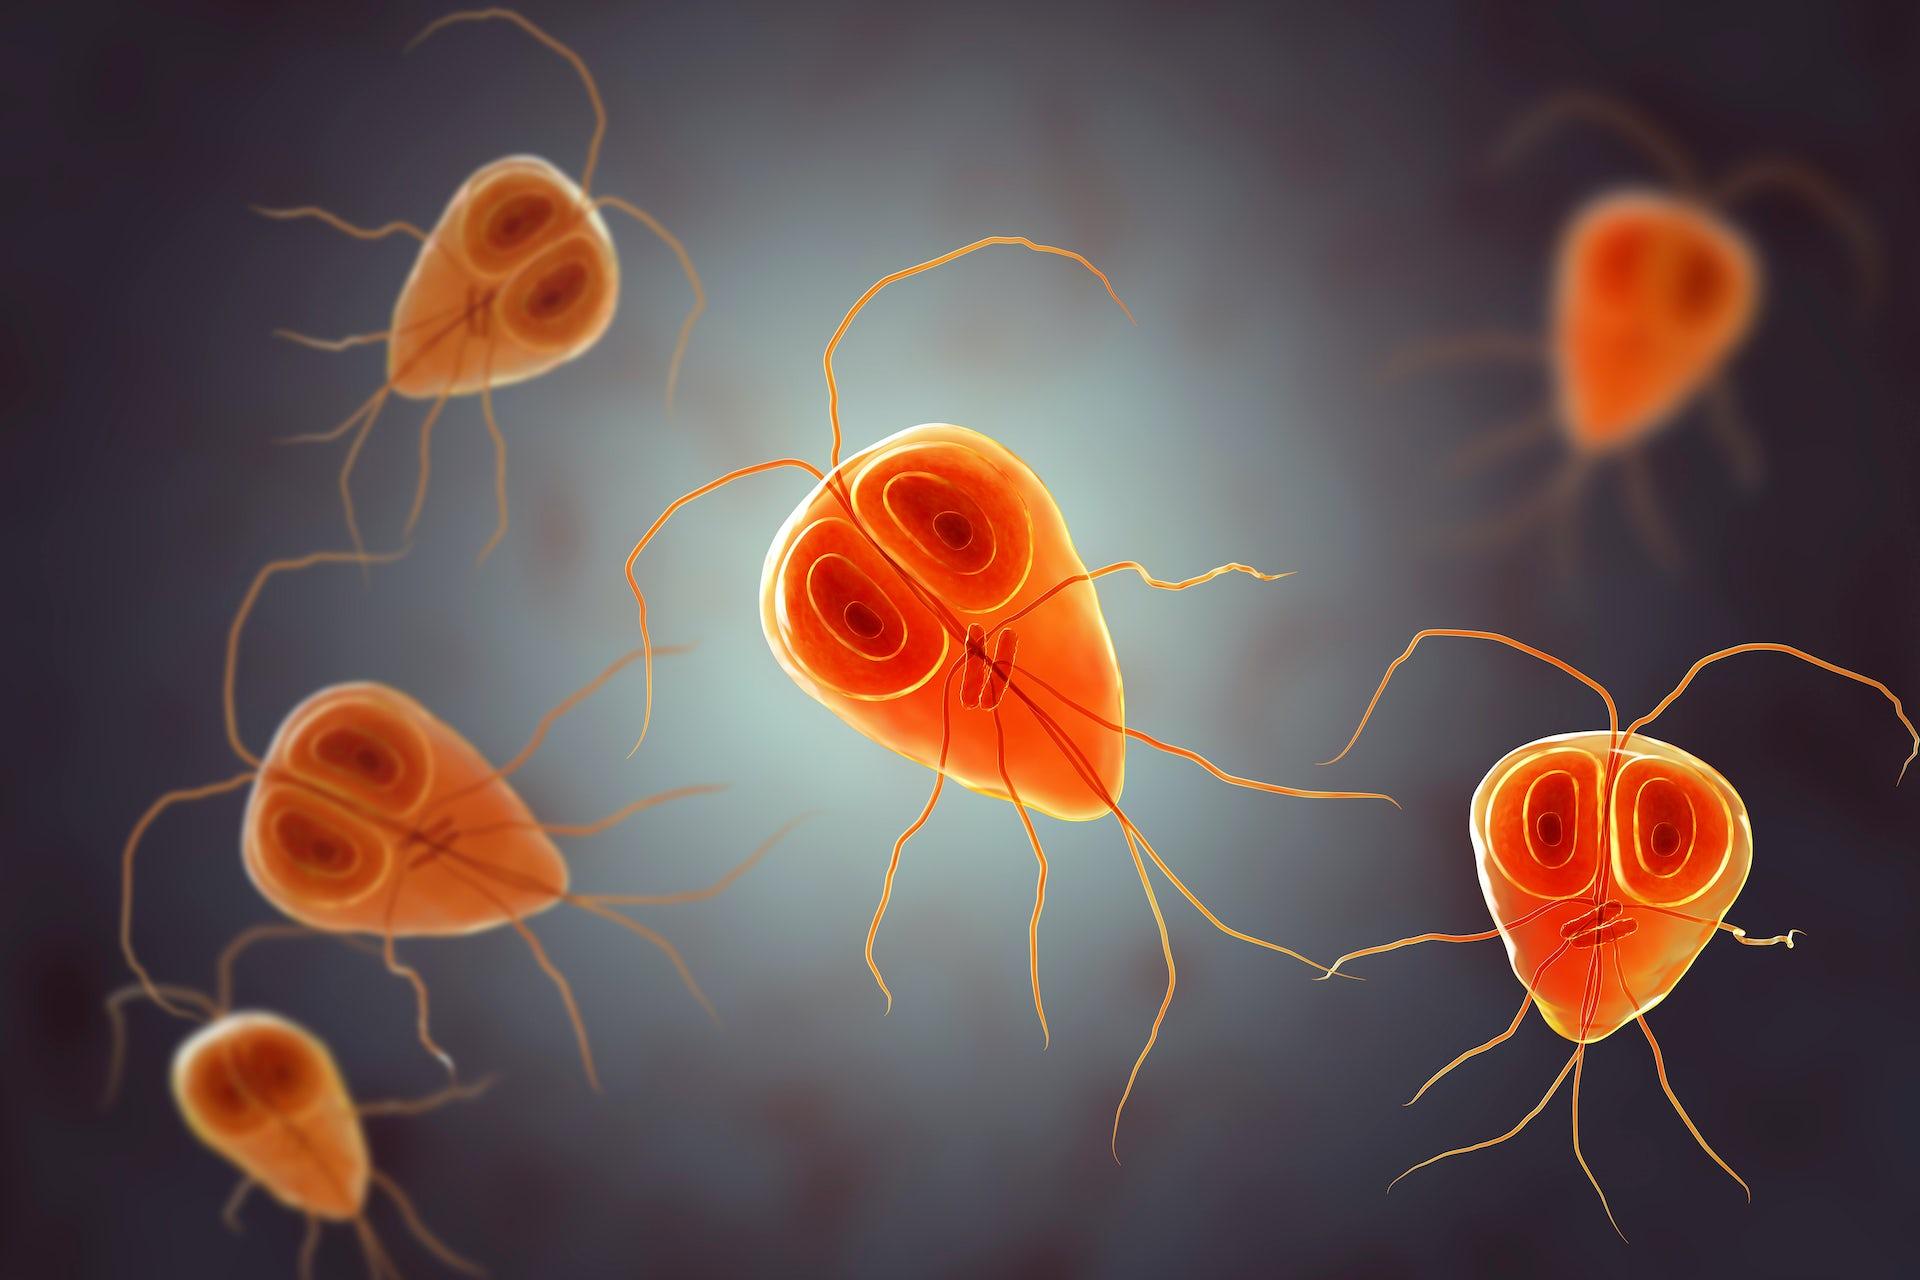 que enfermedad producen los oxiuros cancer maduva simptome